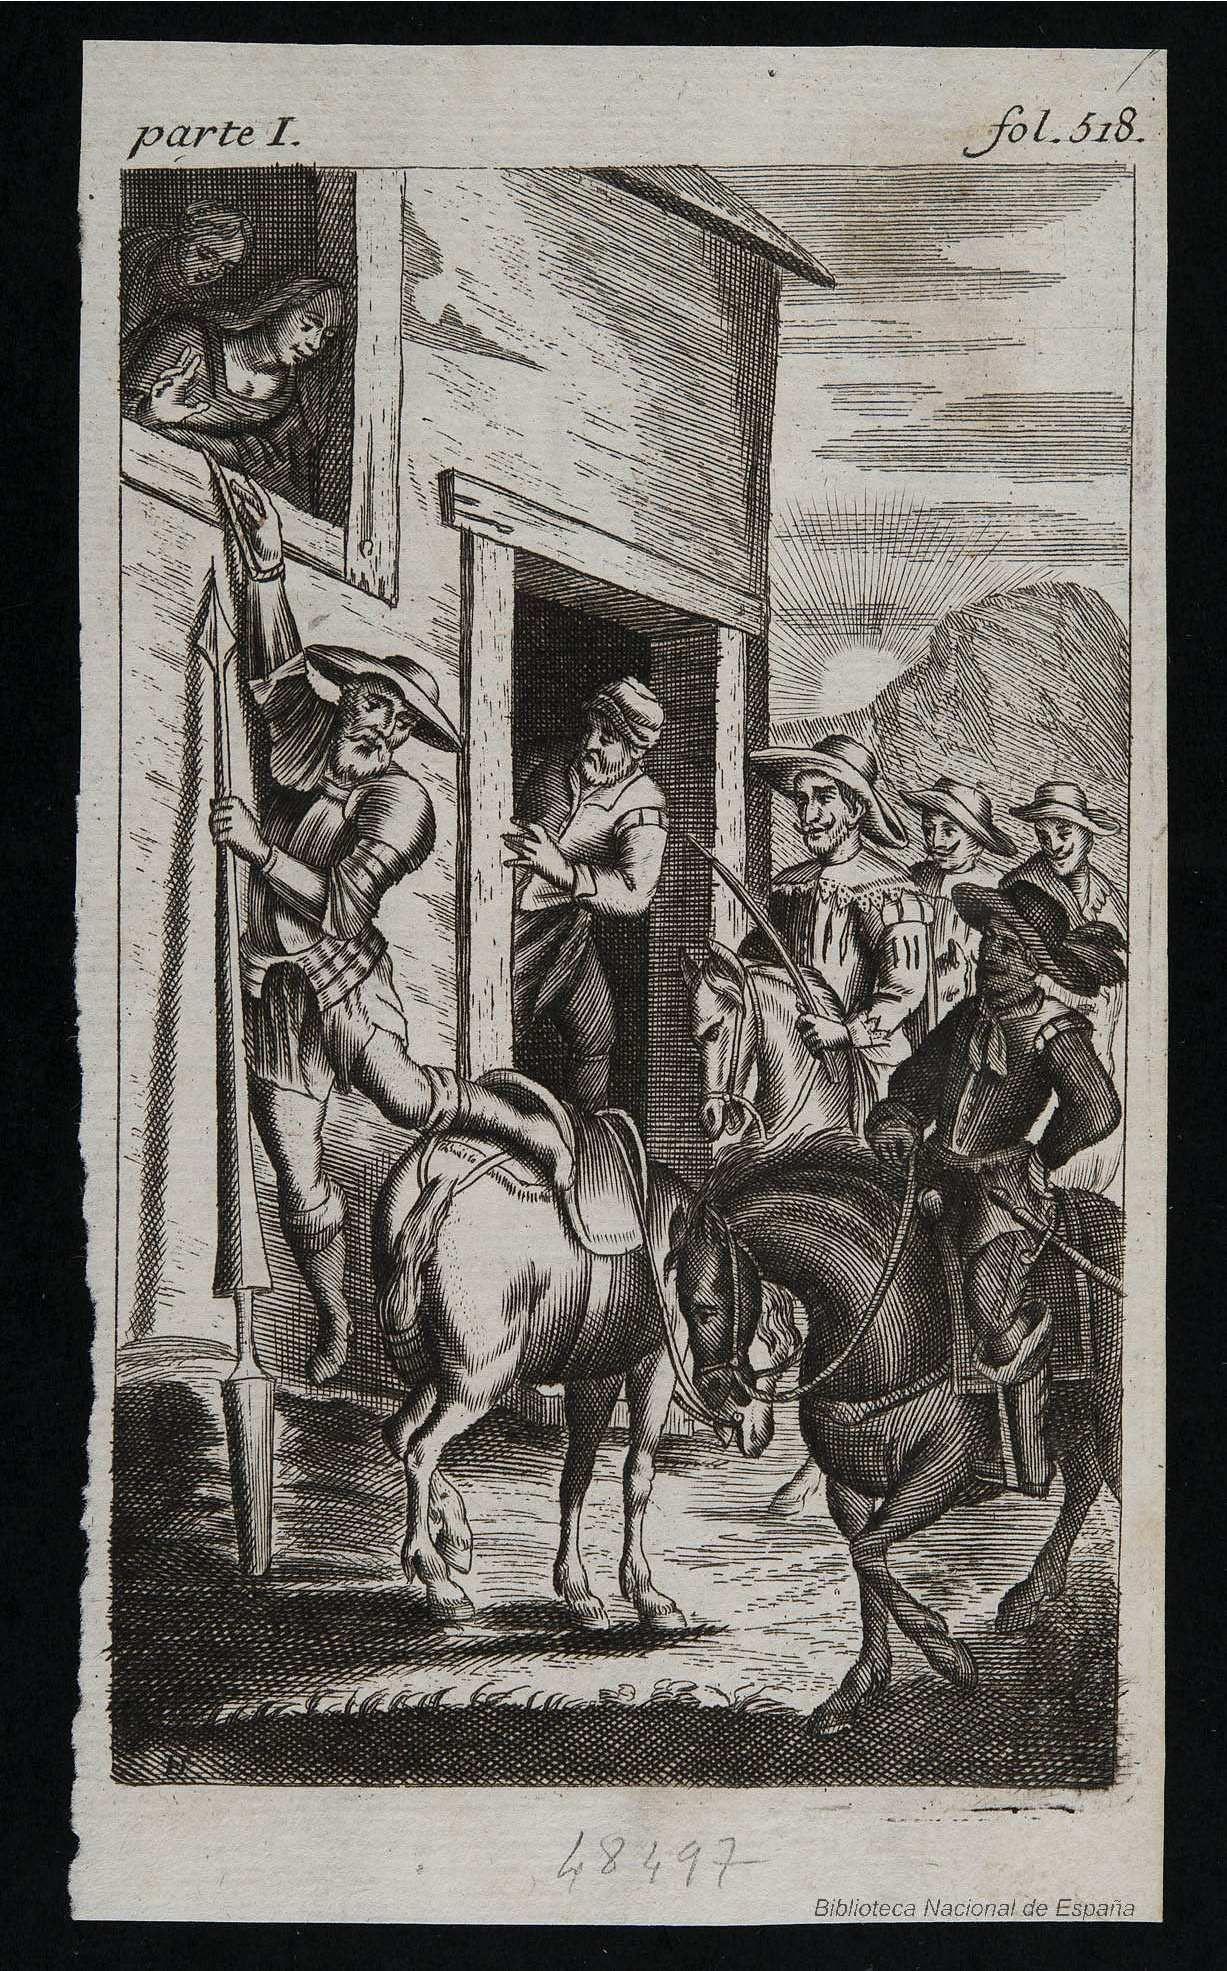 [La hija de la ventera y Maritornes atan a don Quijote a la ventana]. Diodati, François 1647-1690 — Grabado — 1682